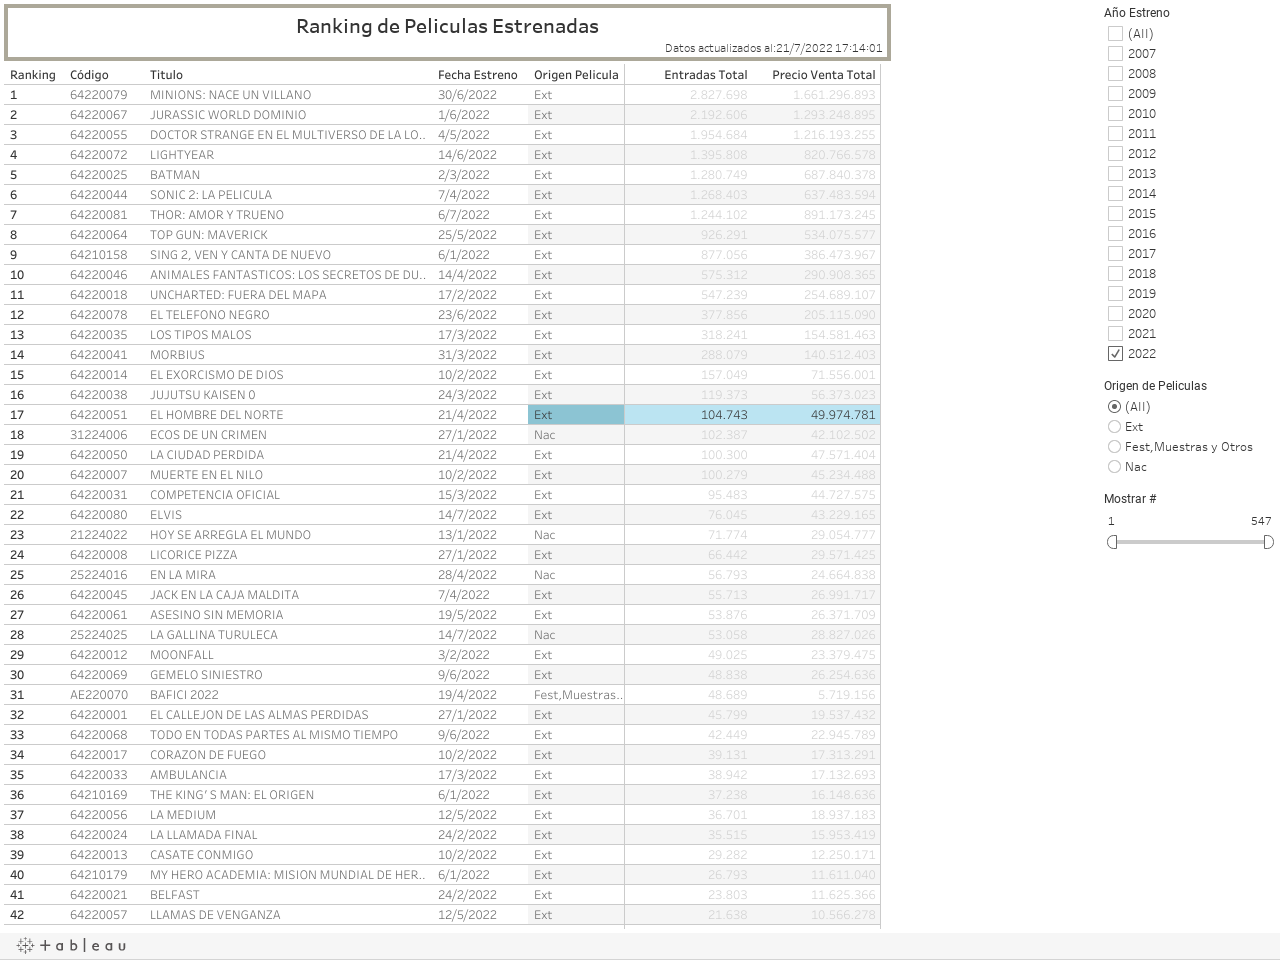 Ranking de Peliculas